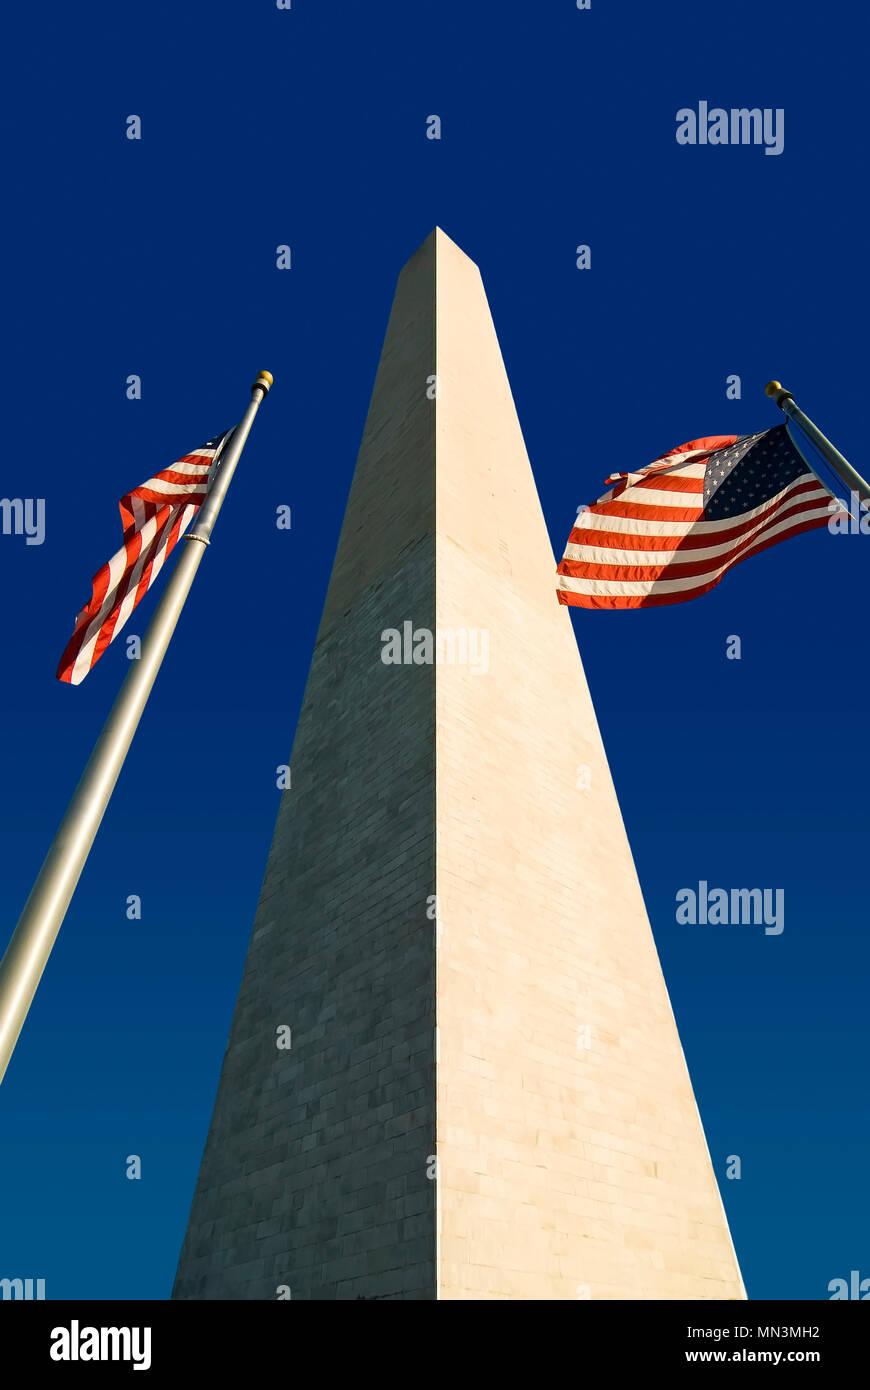 Il Monumento di Washington con due bandierine americane. Situato a Washington DC lungo il National Mall. Foto Stock